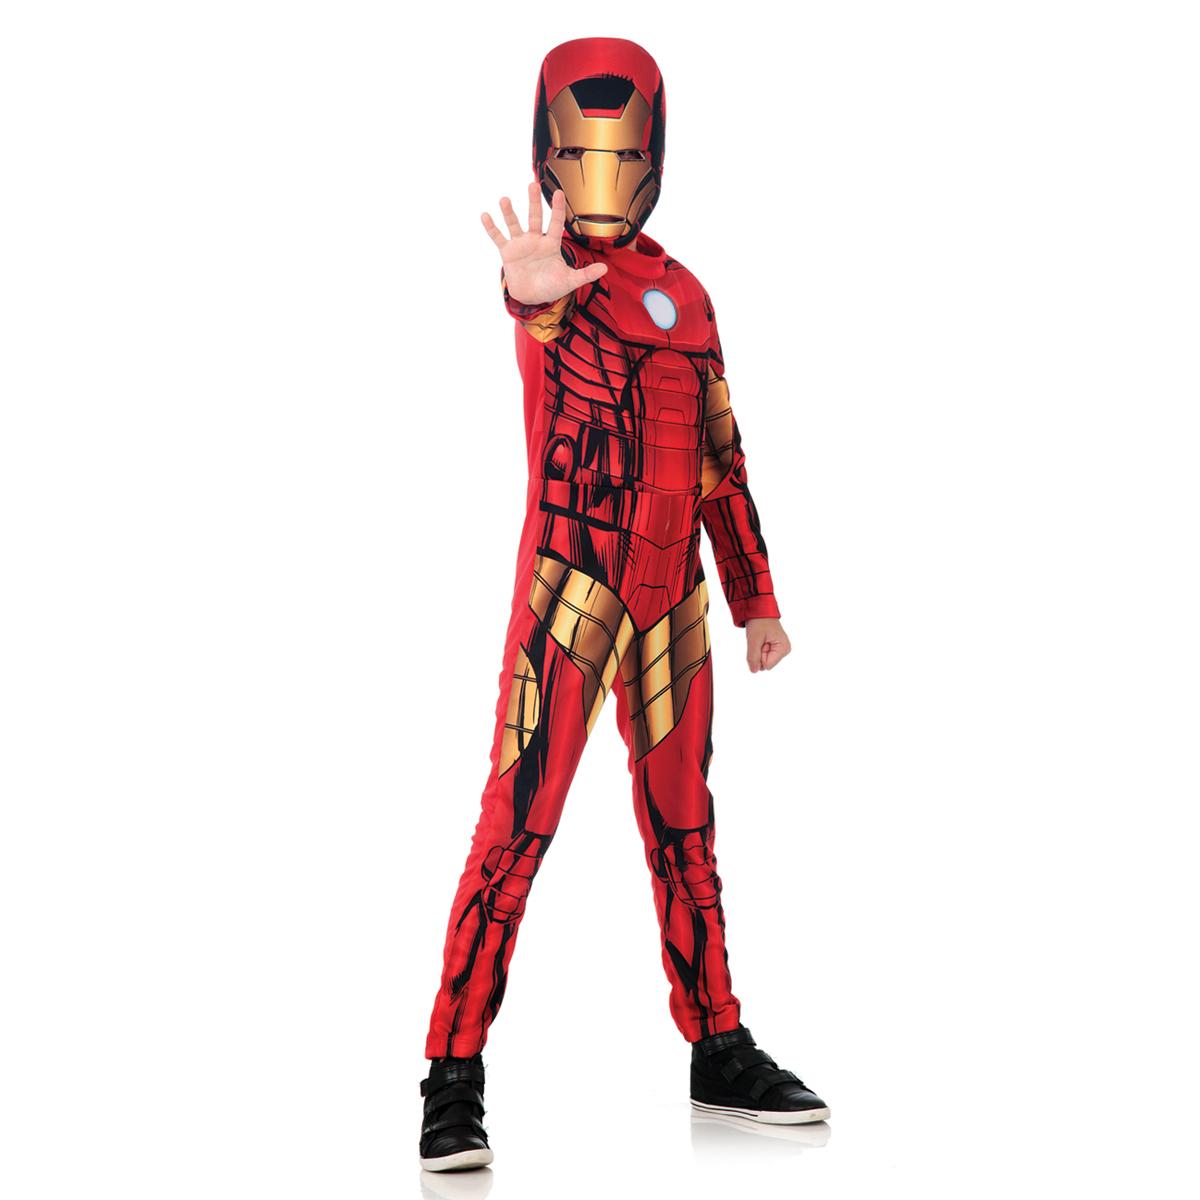 Fantasia Homem De Ferro Curto Infantil - Marvel - Vingadores - Abrakadabra